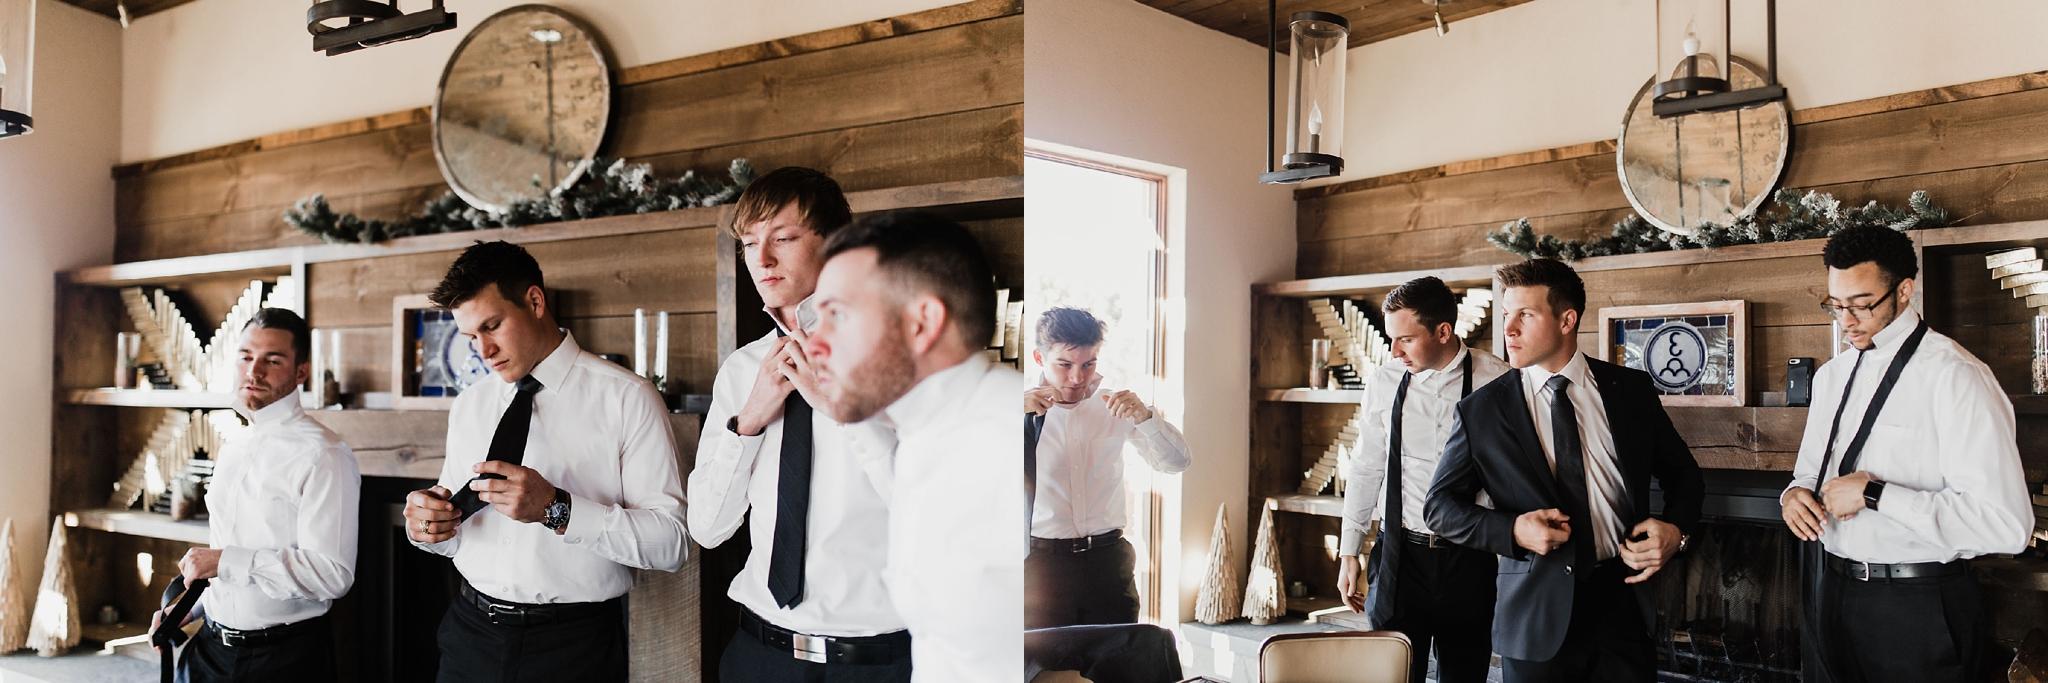 Alicia+lucia+photography+-+albuquerque+wedding+photographer+-+santa+fe+wedding+photography+-+new+mexico+wedding+photographer+-+new+mexico+wedding+-+santa+fe+wedding+-+four+seasons+wedding+-+winter+wedding_0027.jpg